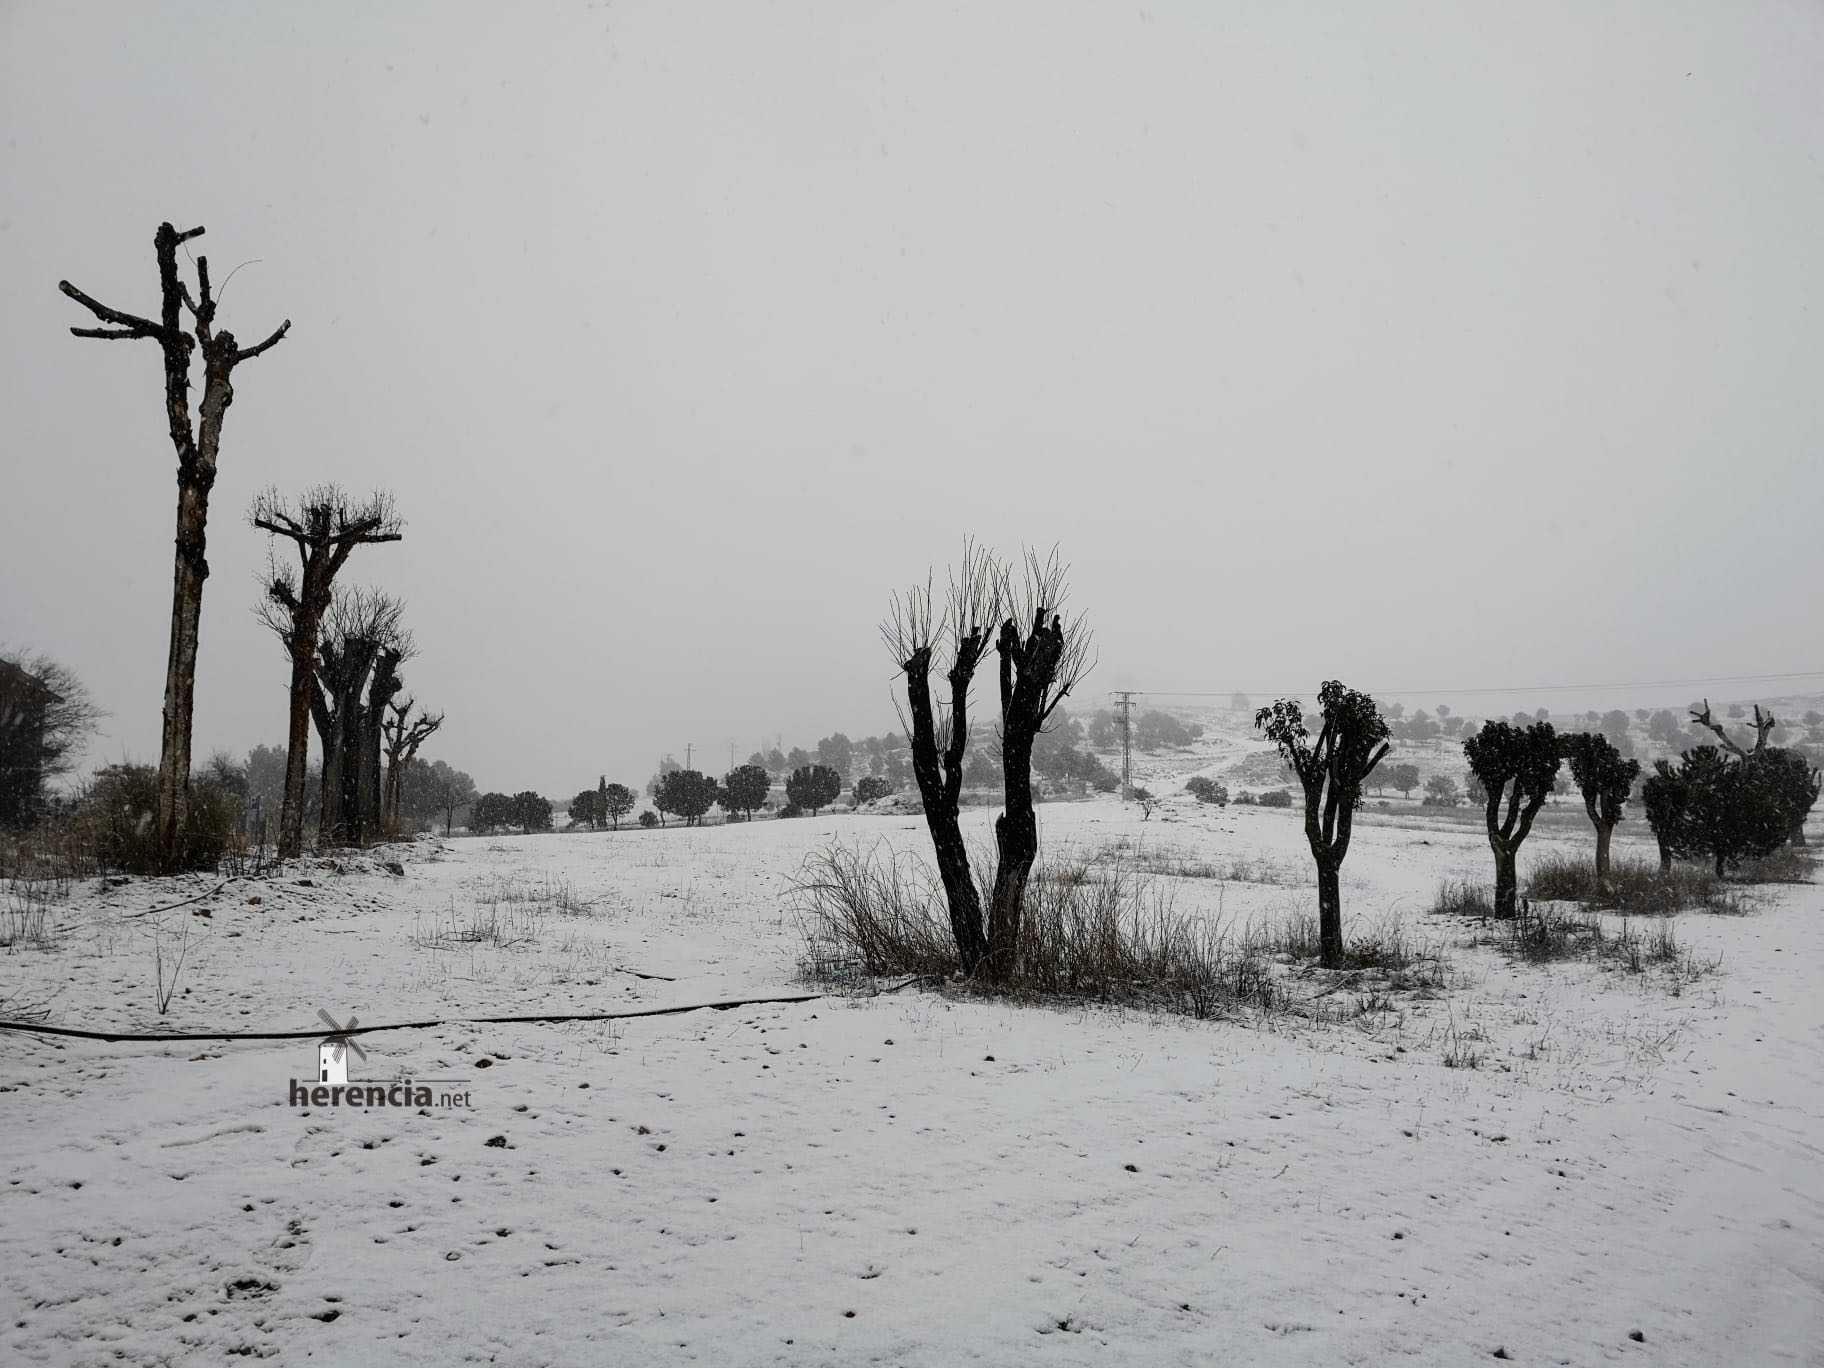 Las nevadas llegan Herencia y a toda Castilla-La Mancha 19